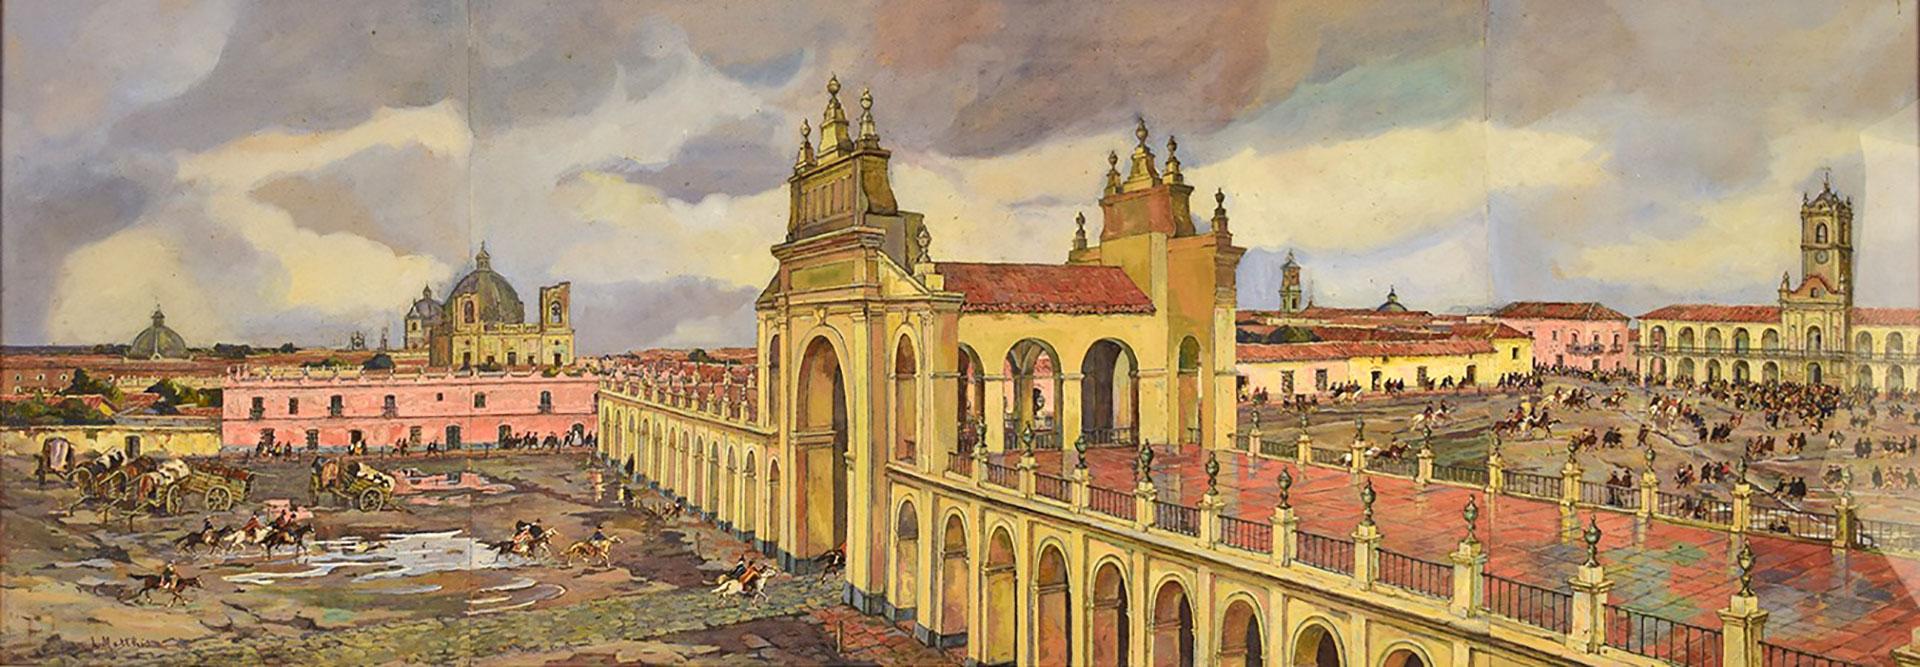 """""""25 de mayo de 1810"""", de Léonie Matthis, en el Museo Nacional del Cabildo y la Revolucion de Mayo, Buenos Aires, Argentina"""